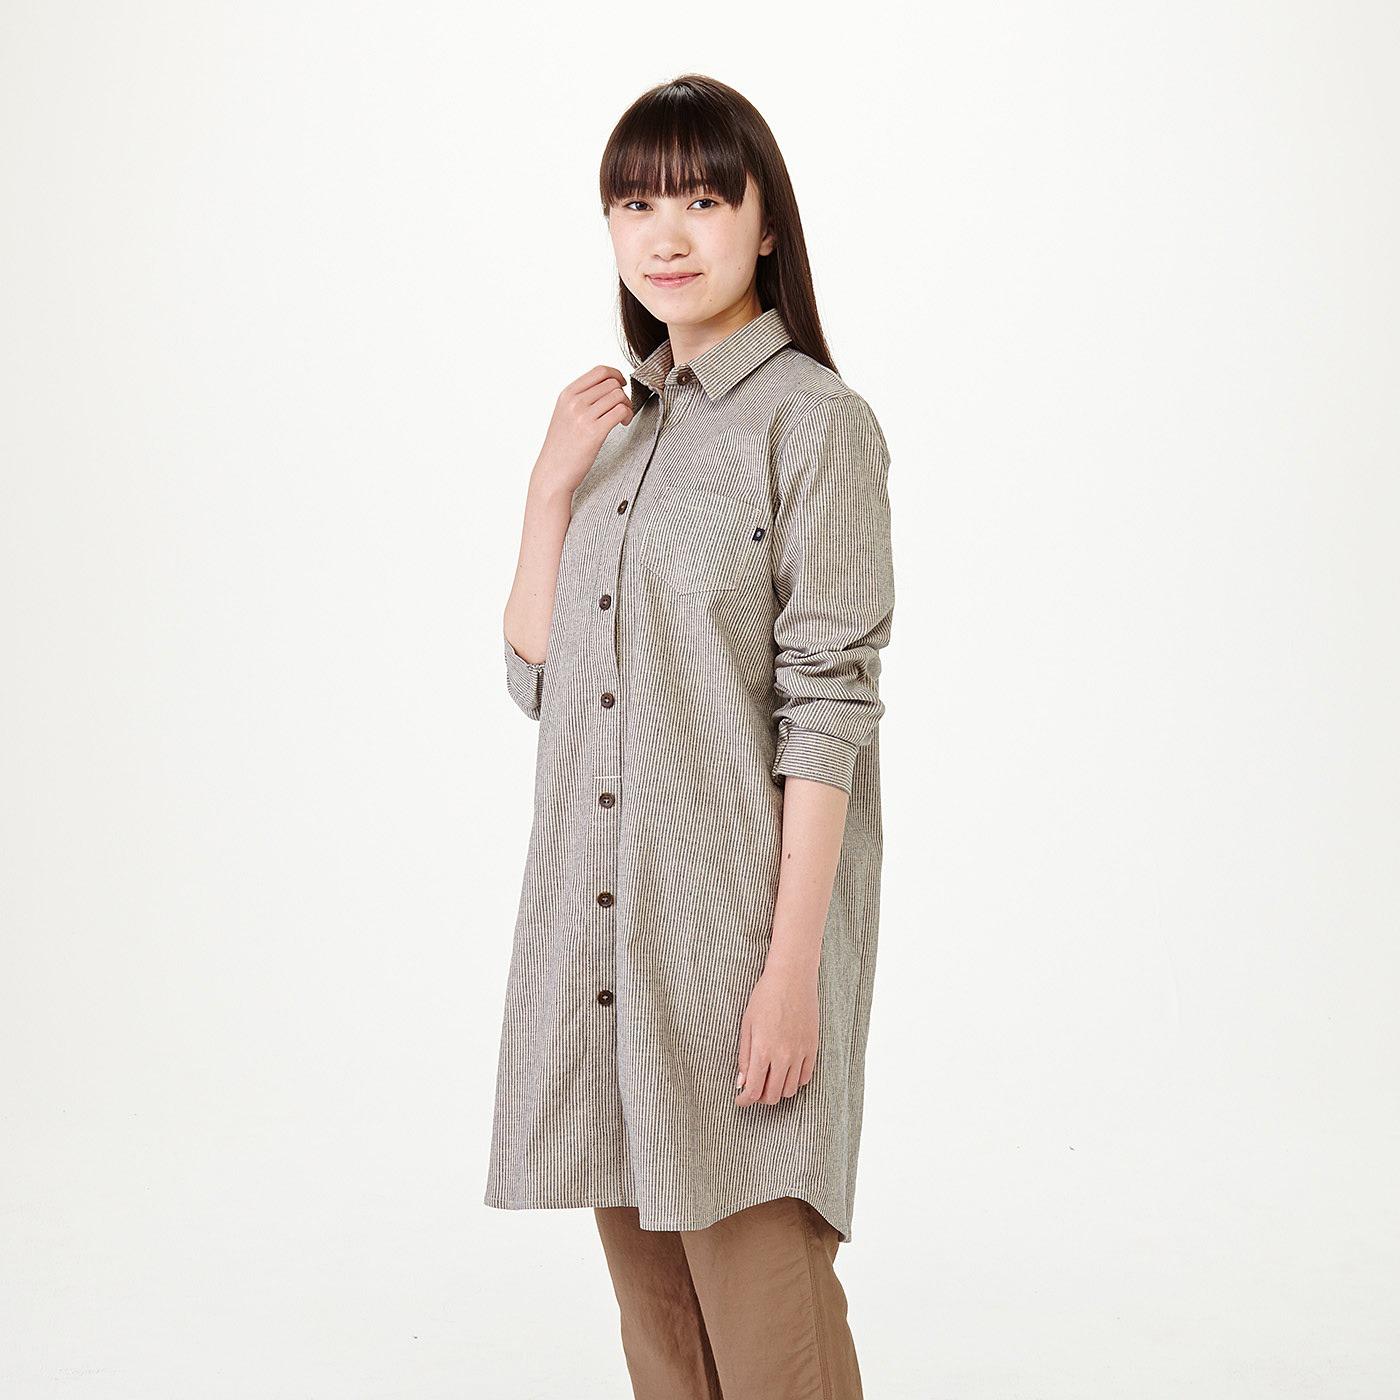 モデル身長約160cm 着用サイズM 〈ブラック×アイボリー〉袖口はボタンではなくゴムなので、さっと腕まくりできます。